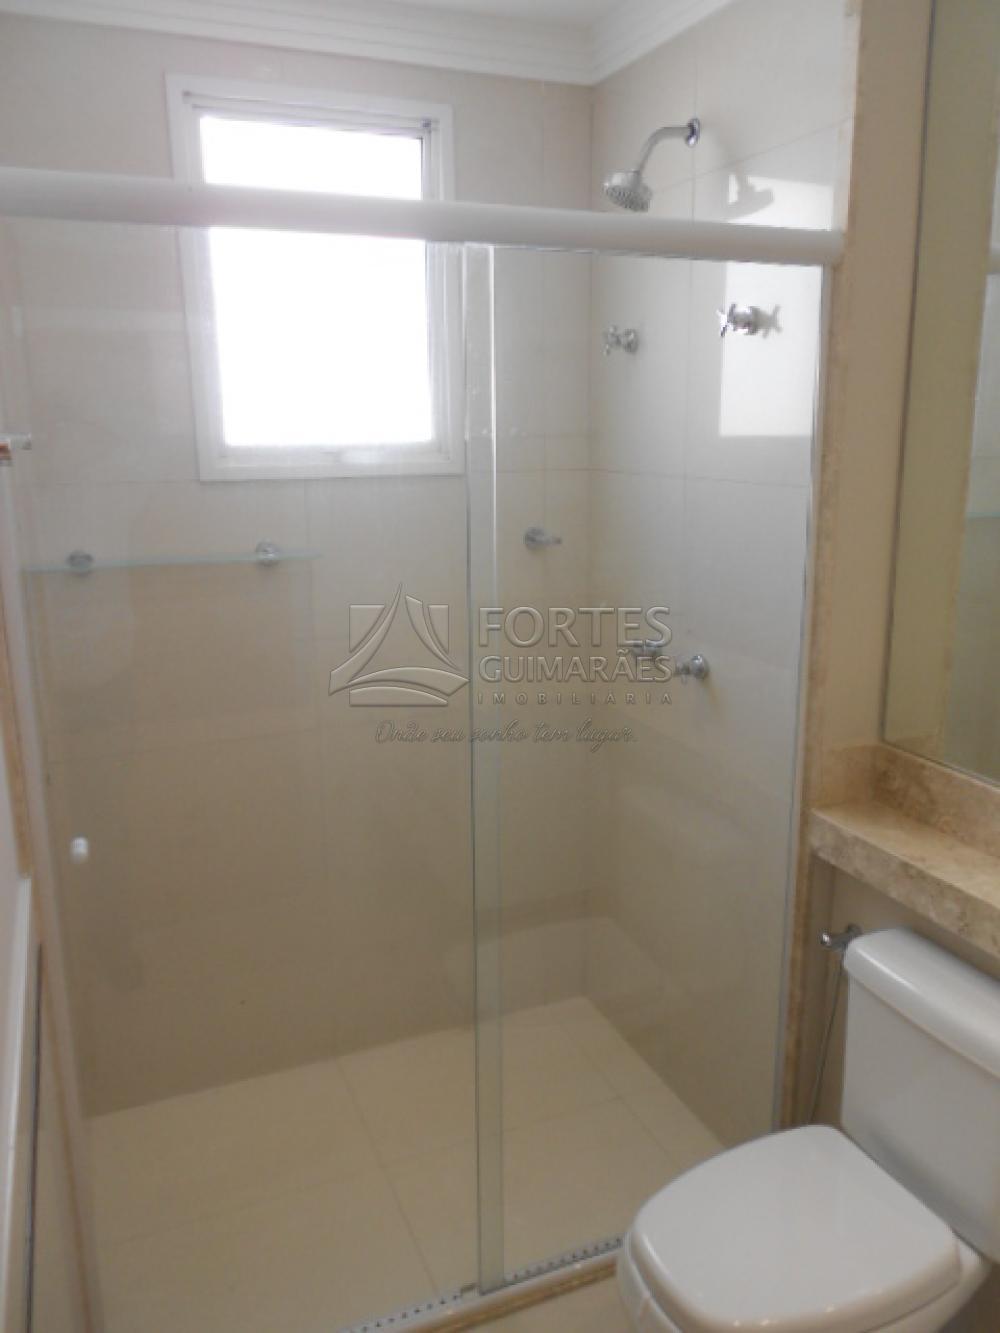 Alugar Apartamentos / Padrão em Ribeirão Preto apenas R$ 8.500,00 - Foto 34